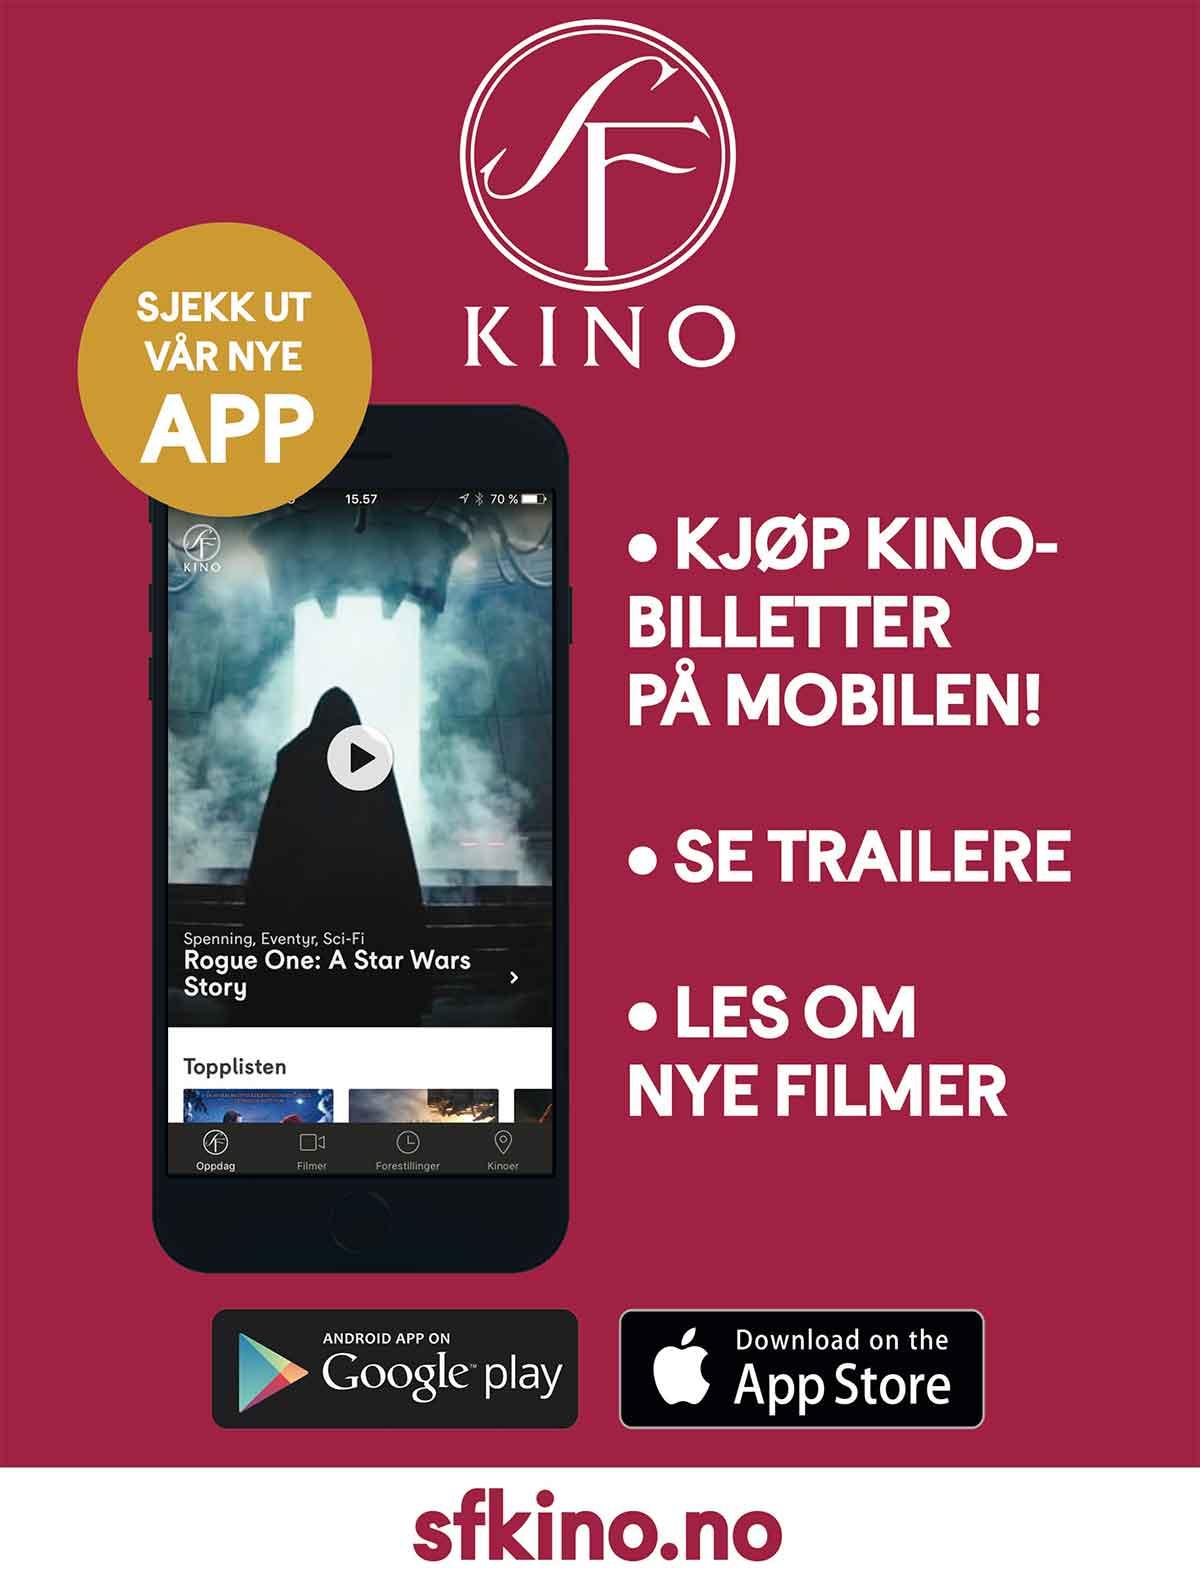 Slik reklamerer SF Kino for sin nye app.